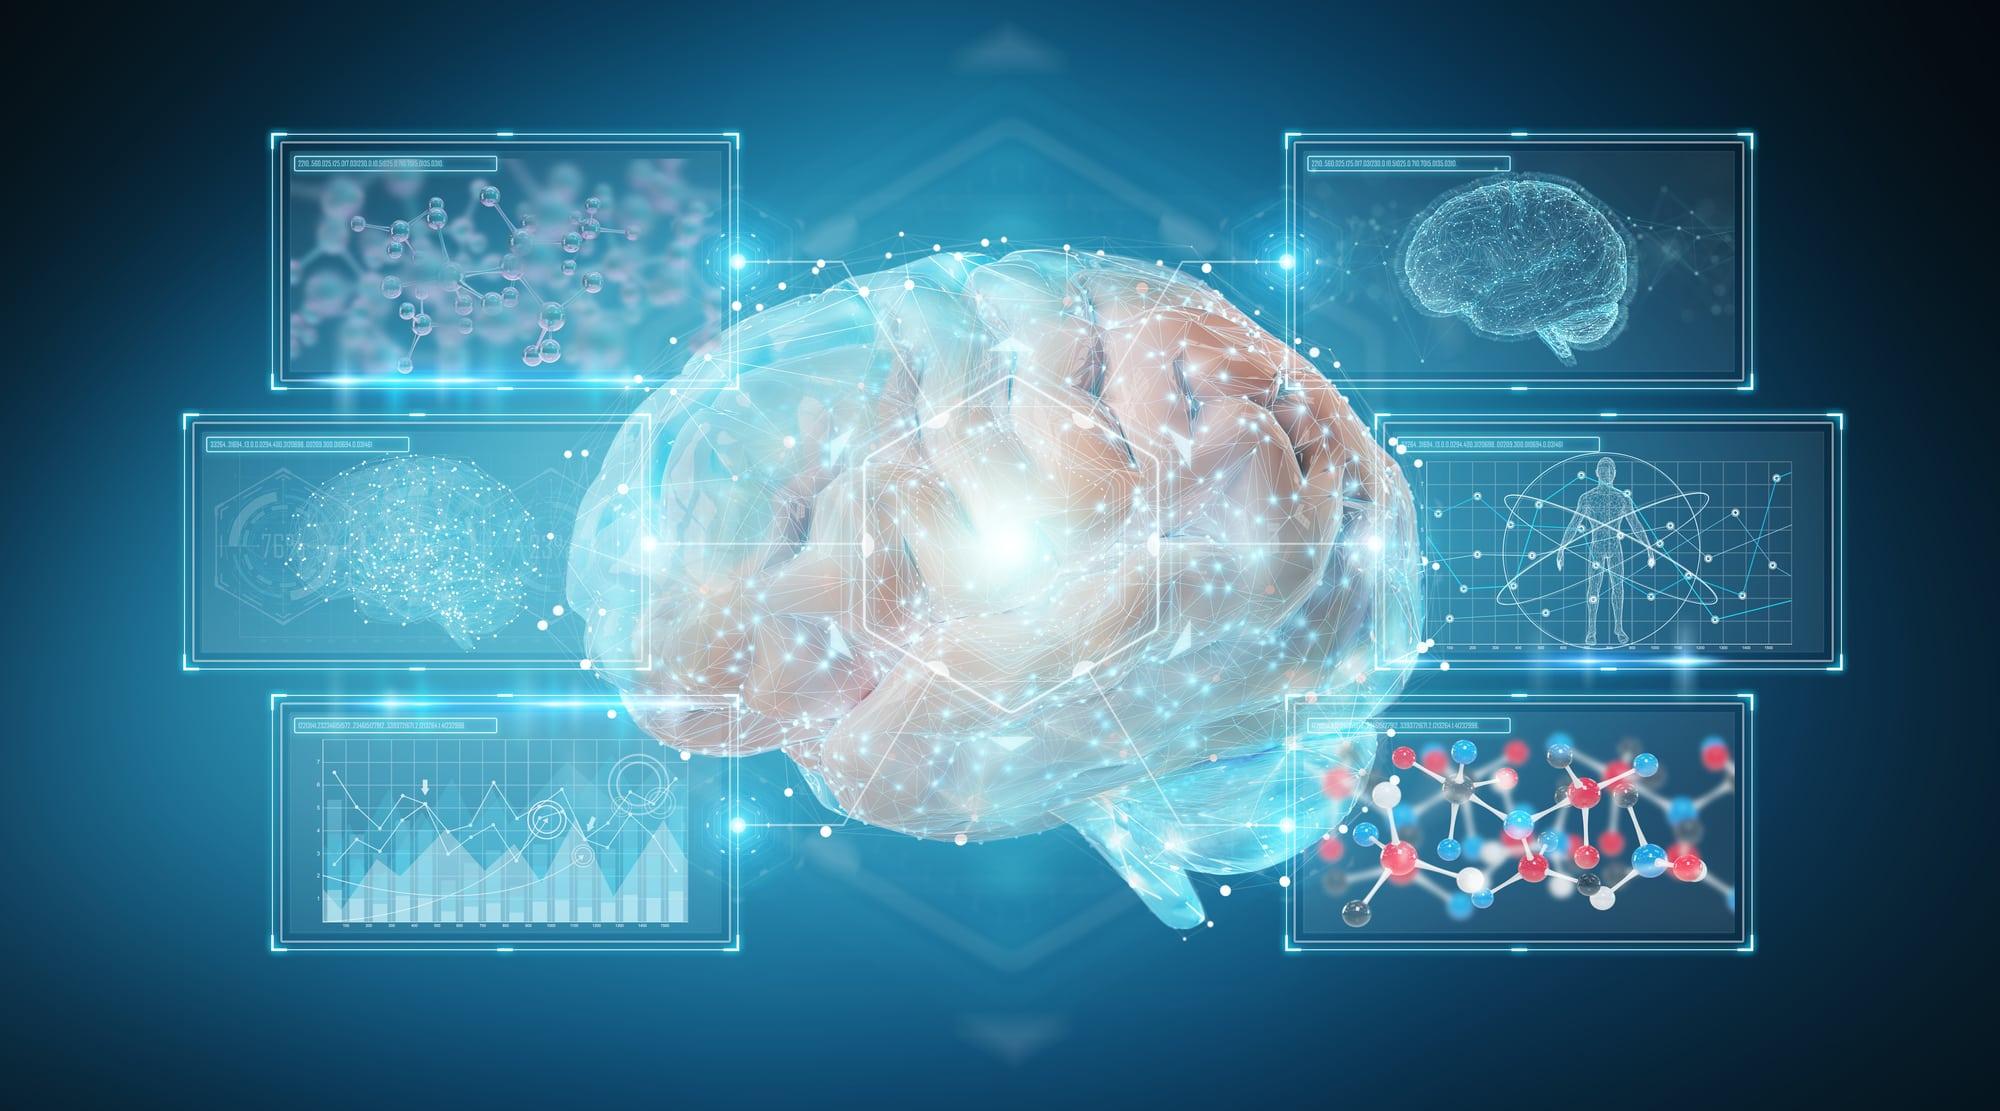 преобразование сигналов мозга в речь ученые колумбийского университета